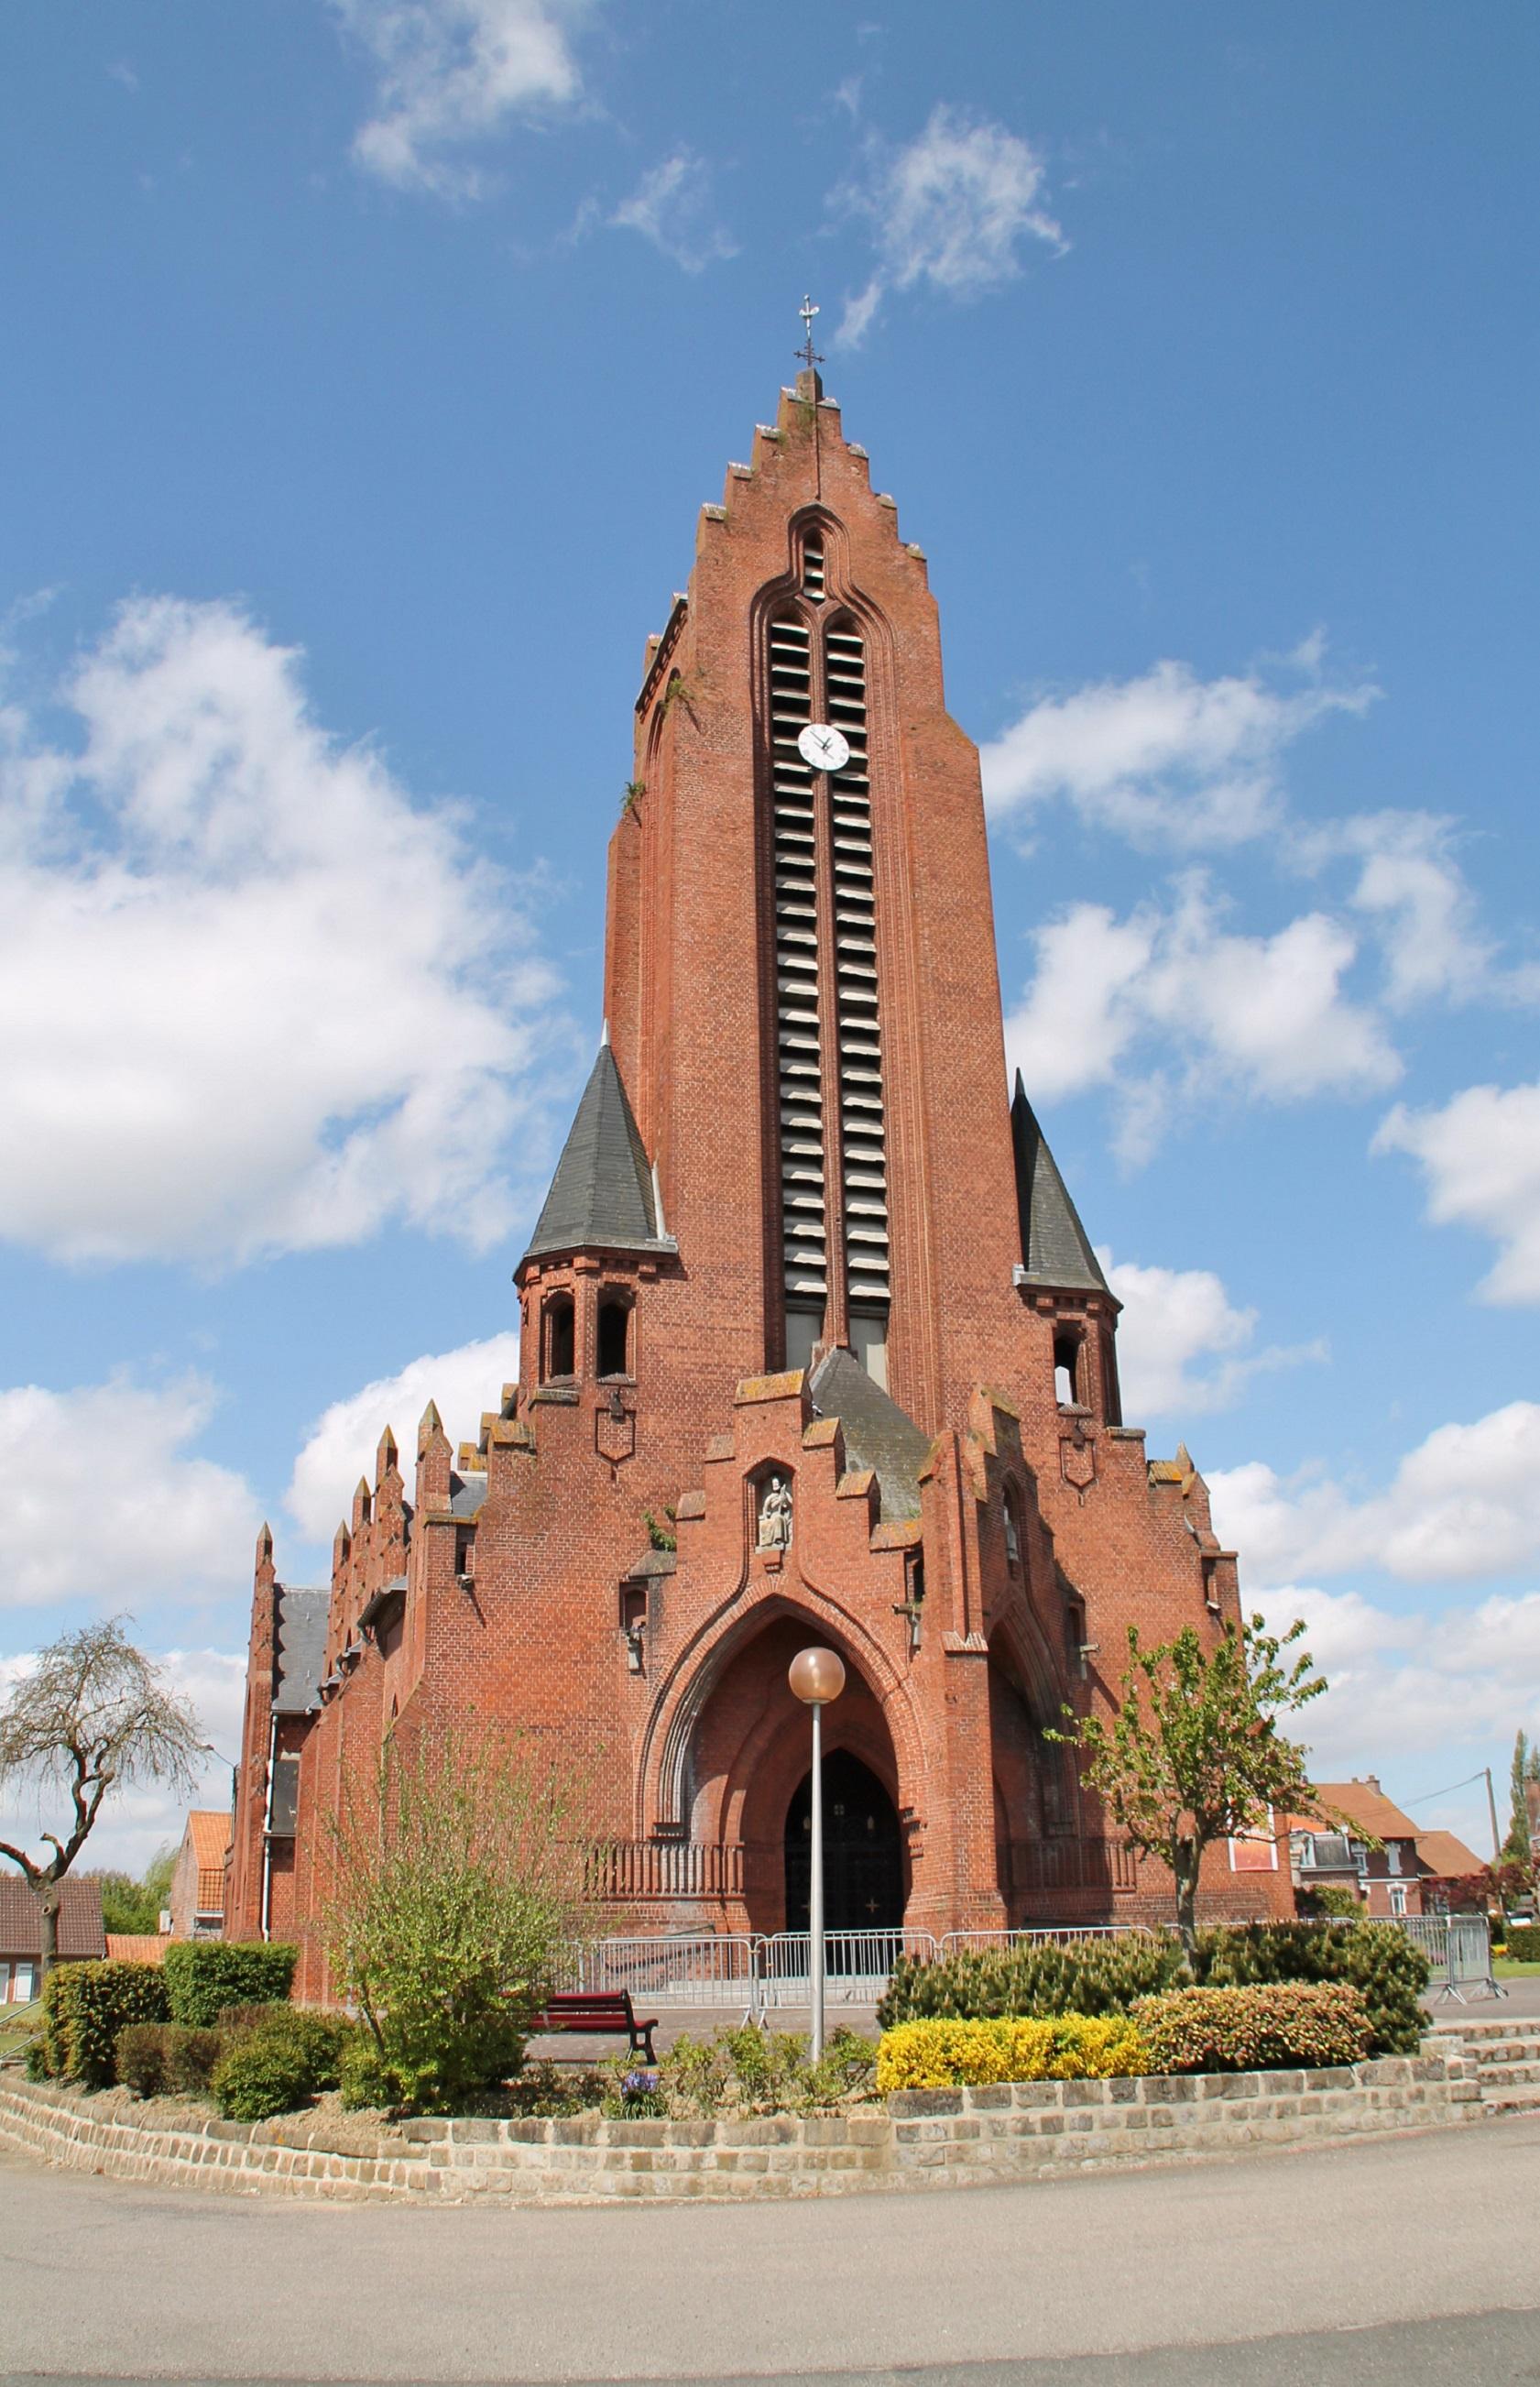 Photo à Merris (59270) : L'église - Merris, 186307 Communes.com